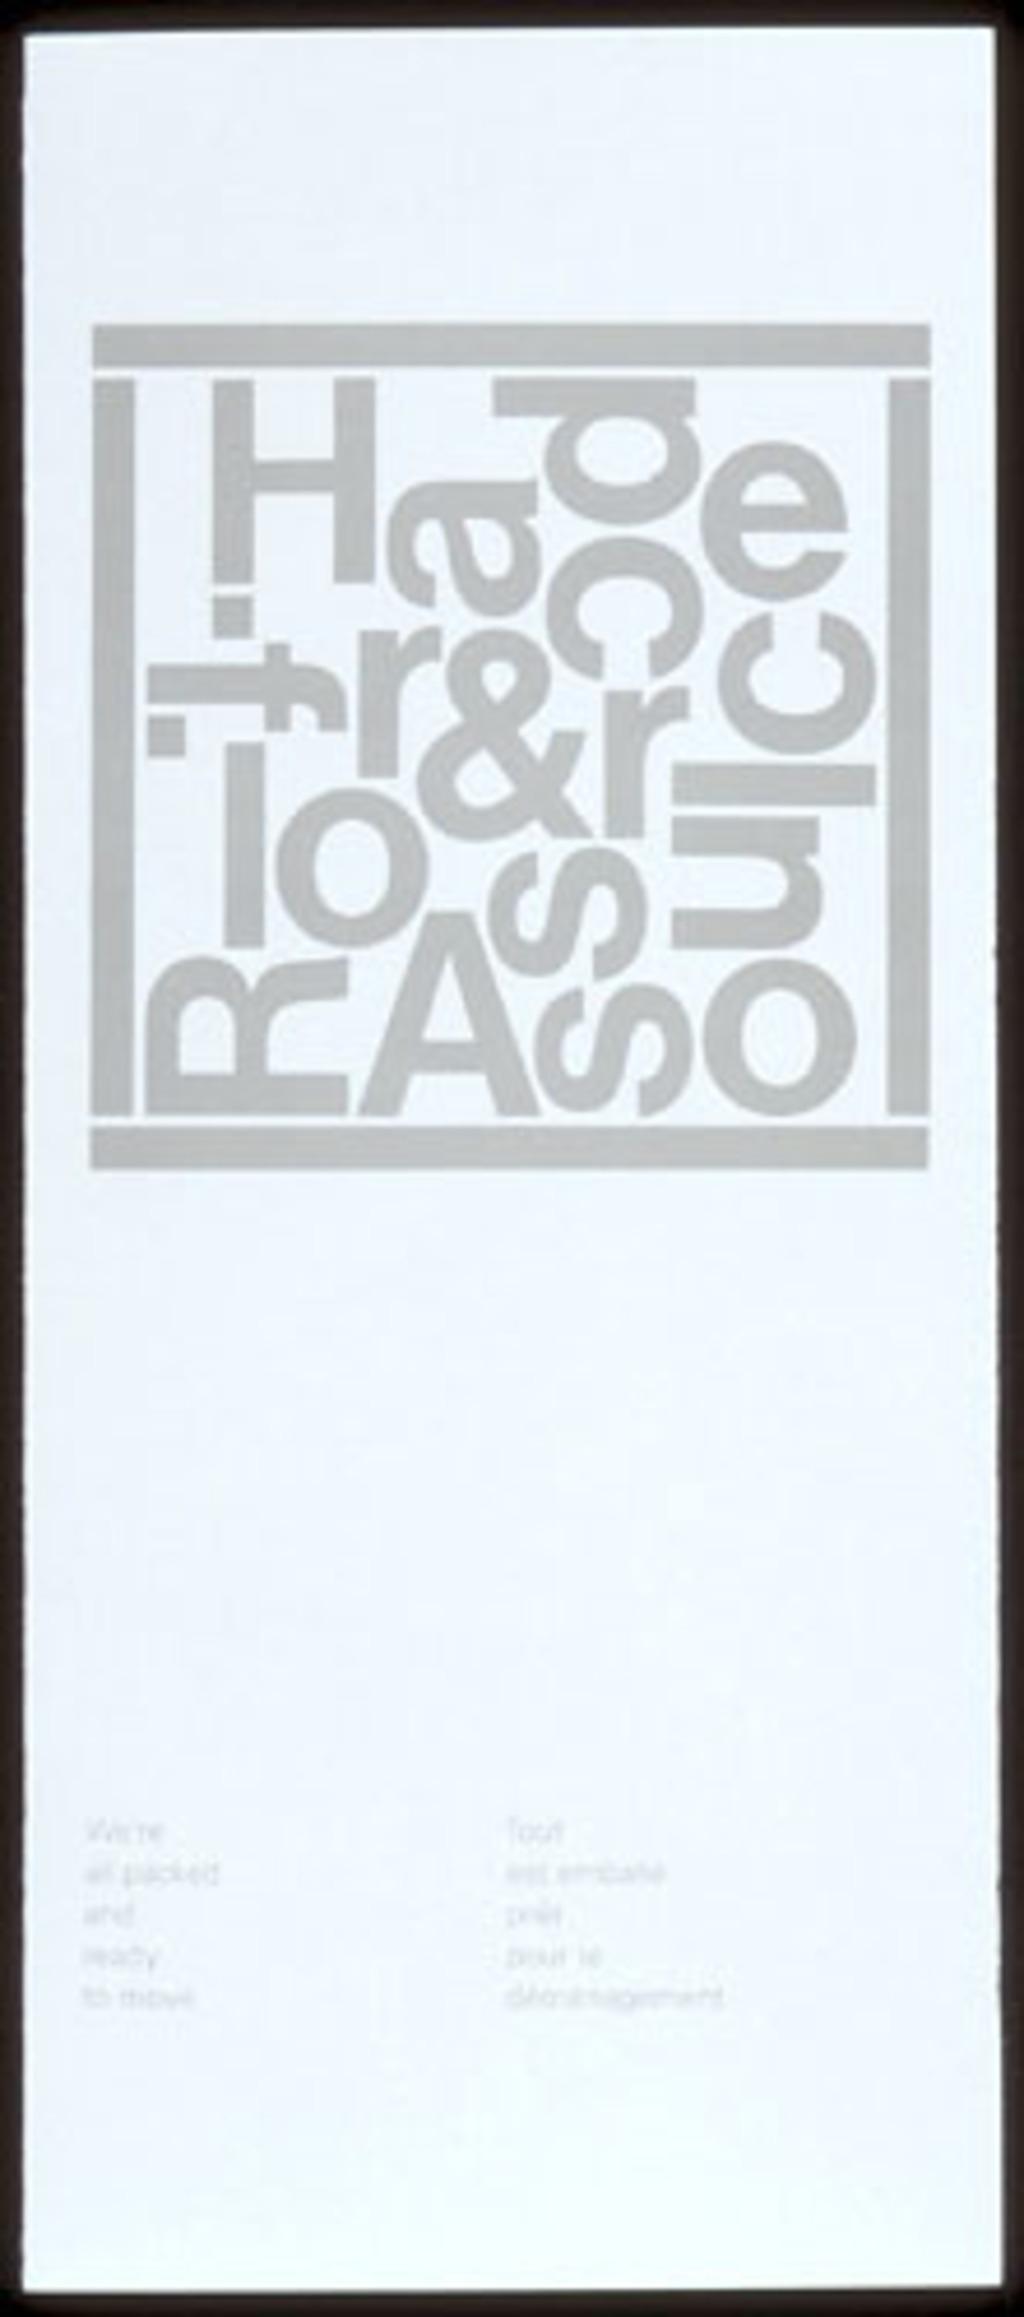 Avis de déménagement pour Rolf Harder & Assoc. Inc.